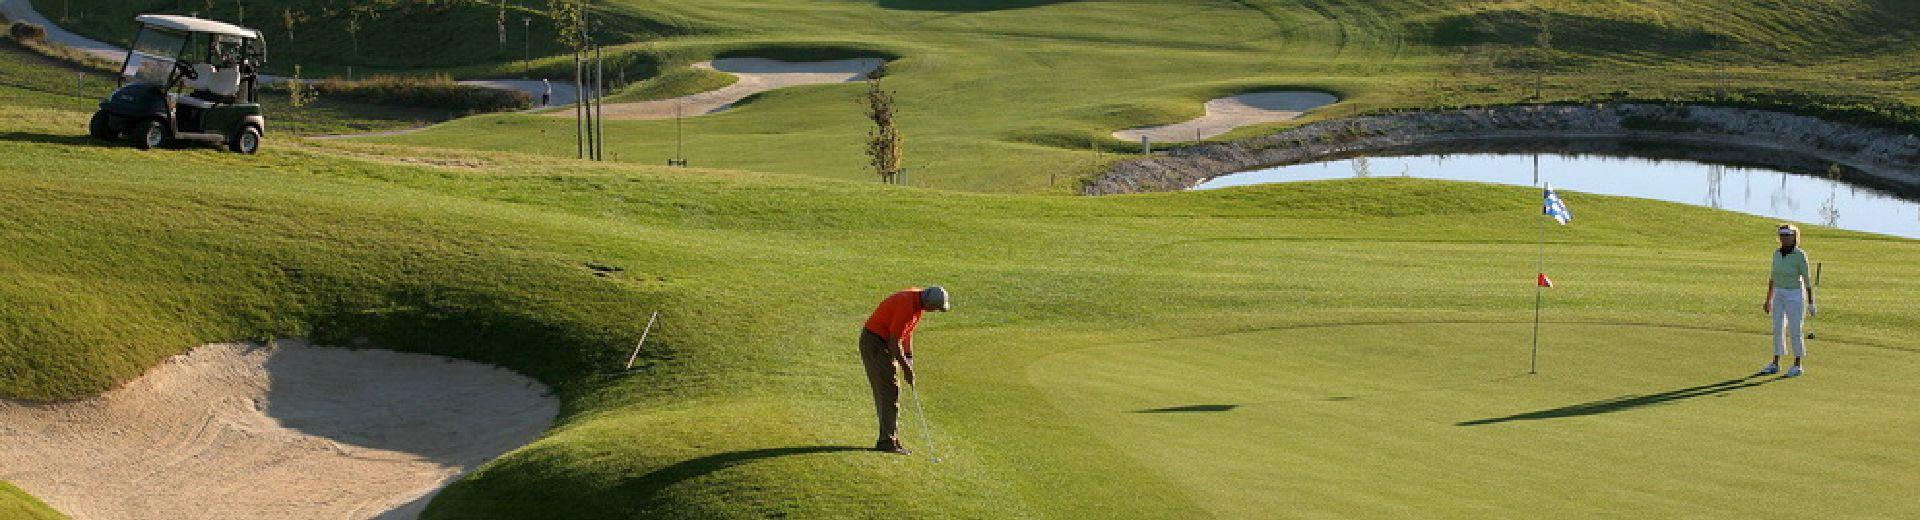 Golf Region Danube Inn